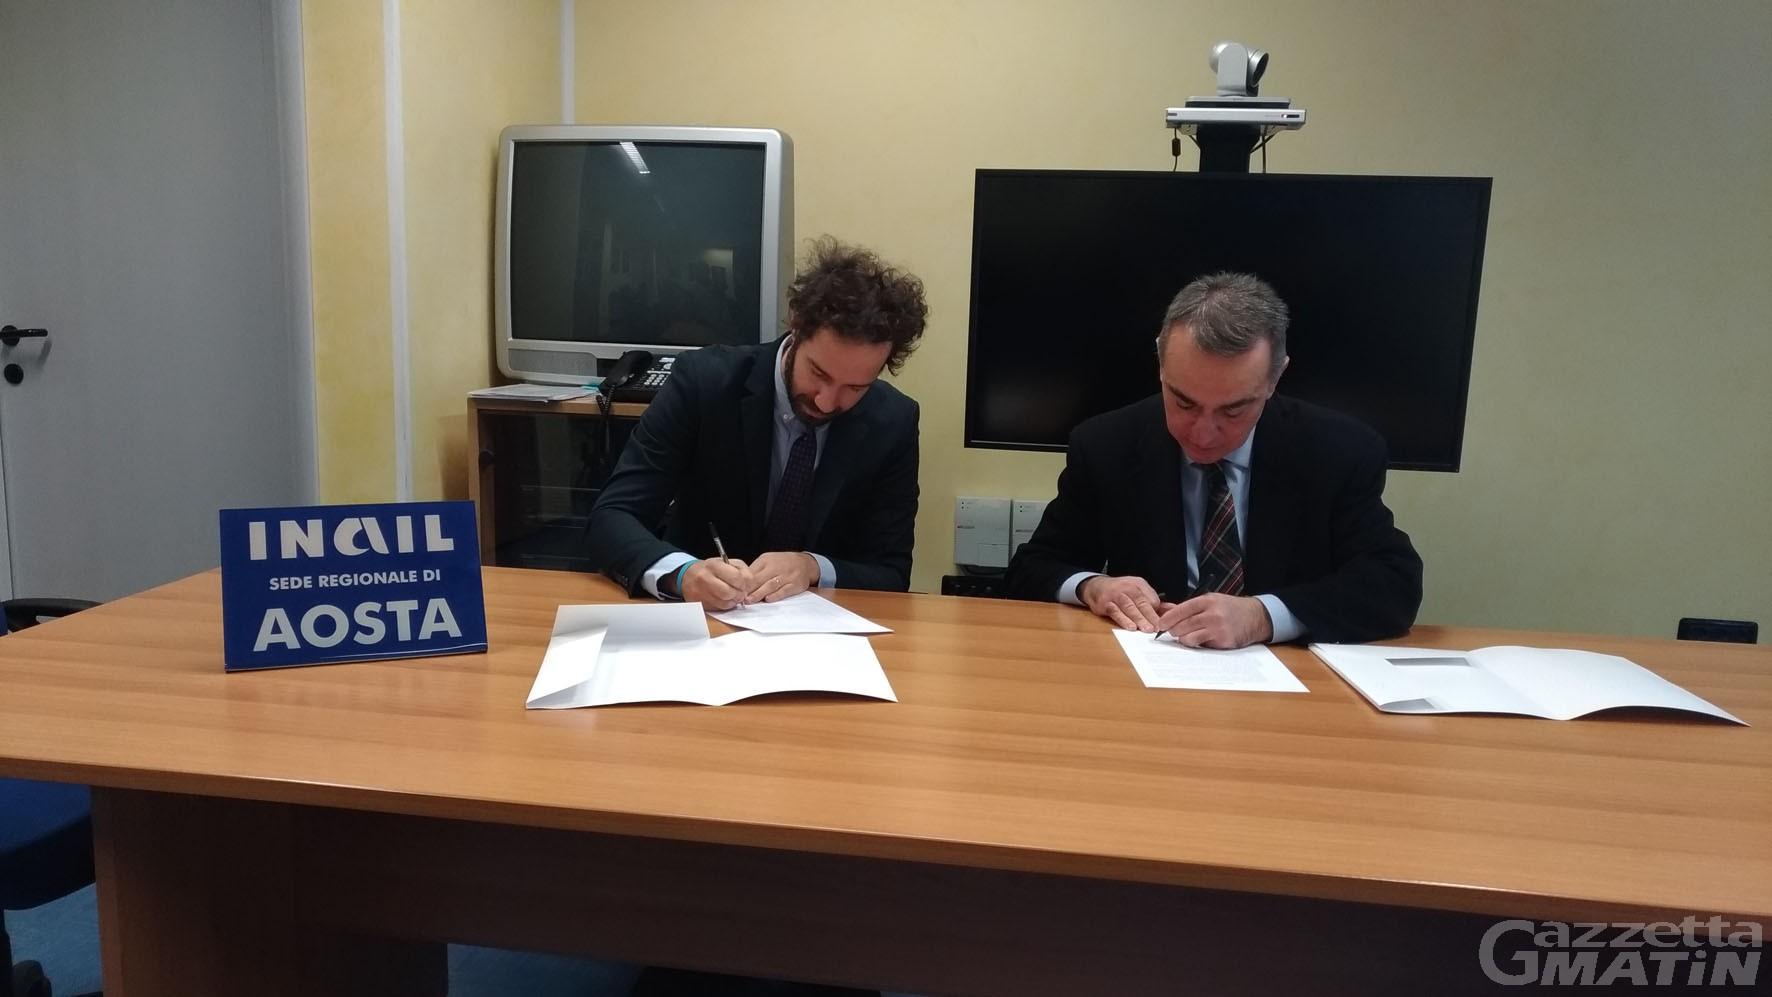 Incidenti sul lavoro: protocollo d'intesa tra la Procura e l'Inail di Aosta